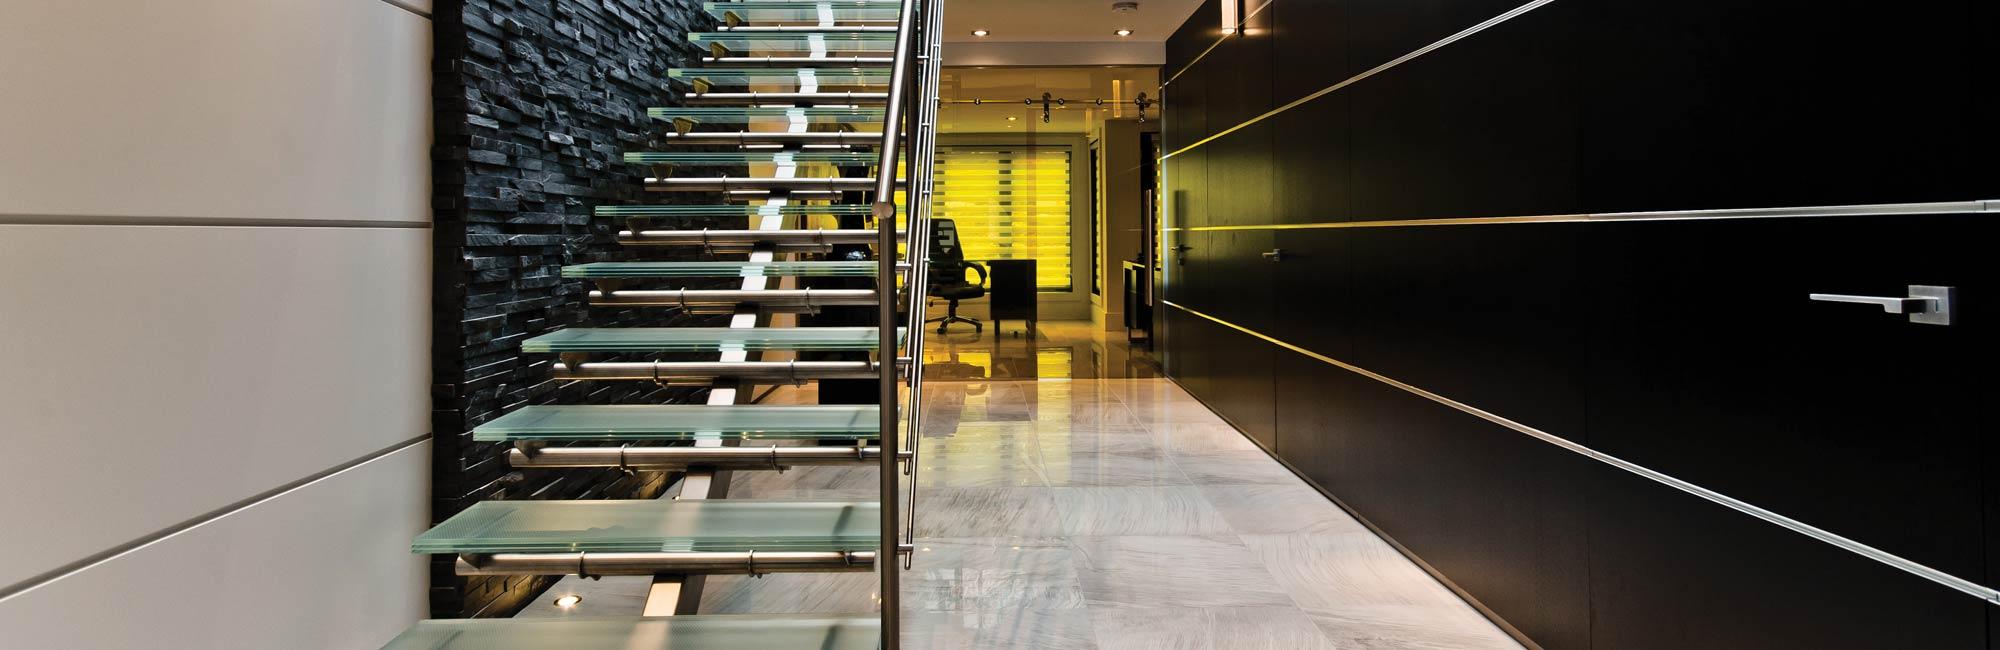 Escalier de verre